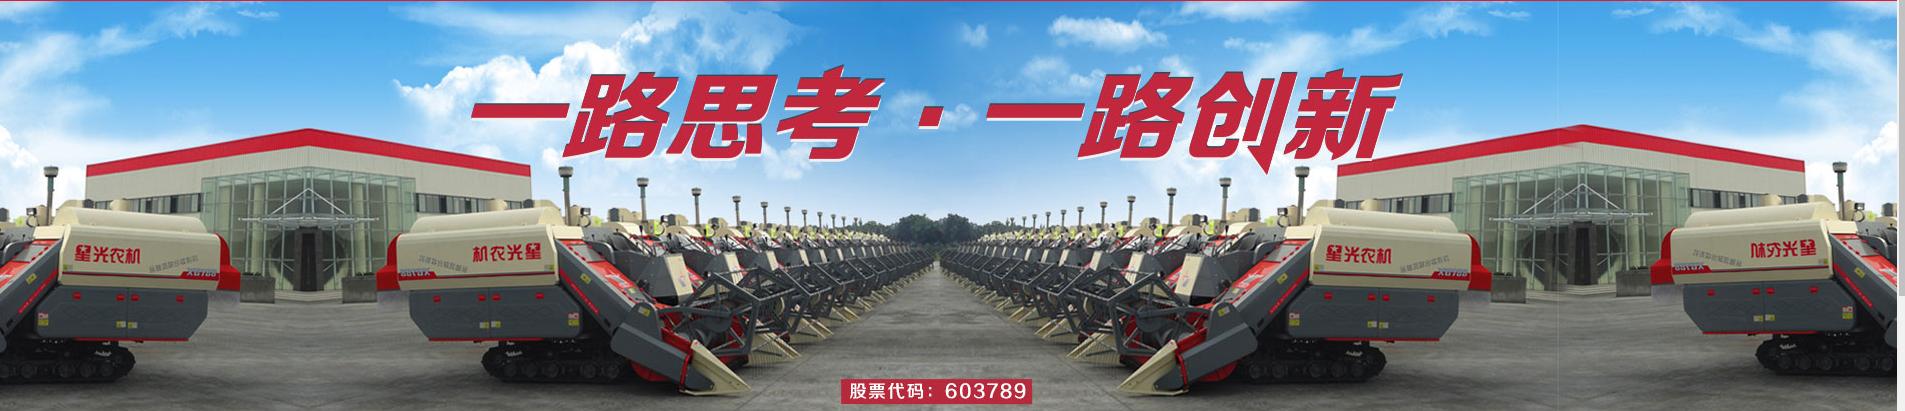 联农厂家-星光 (1)